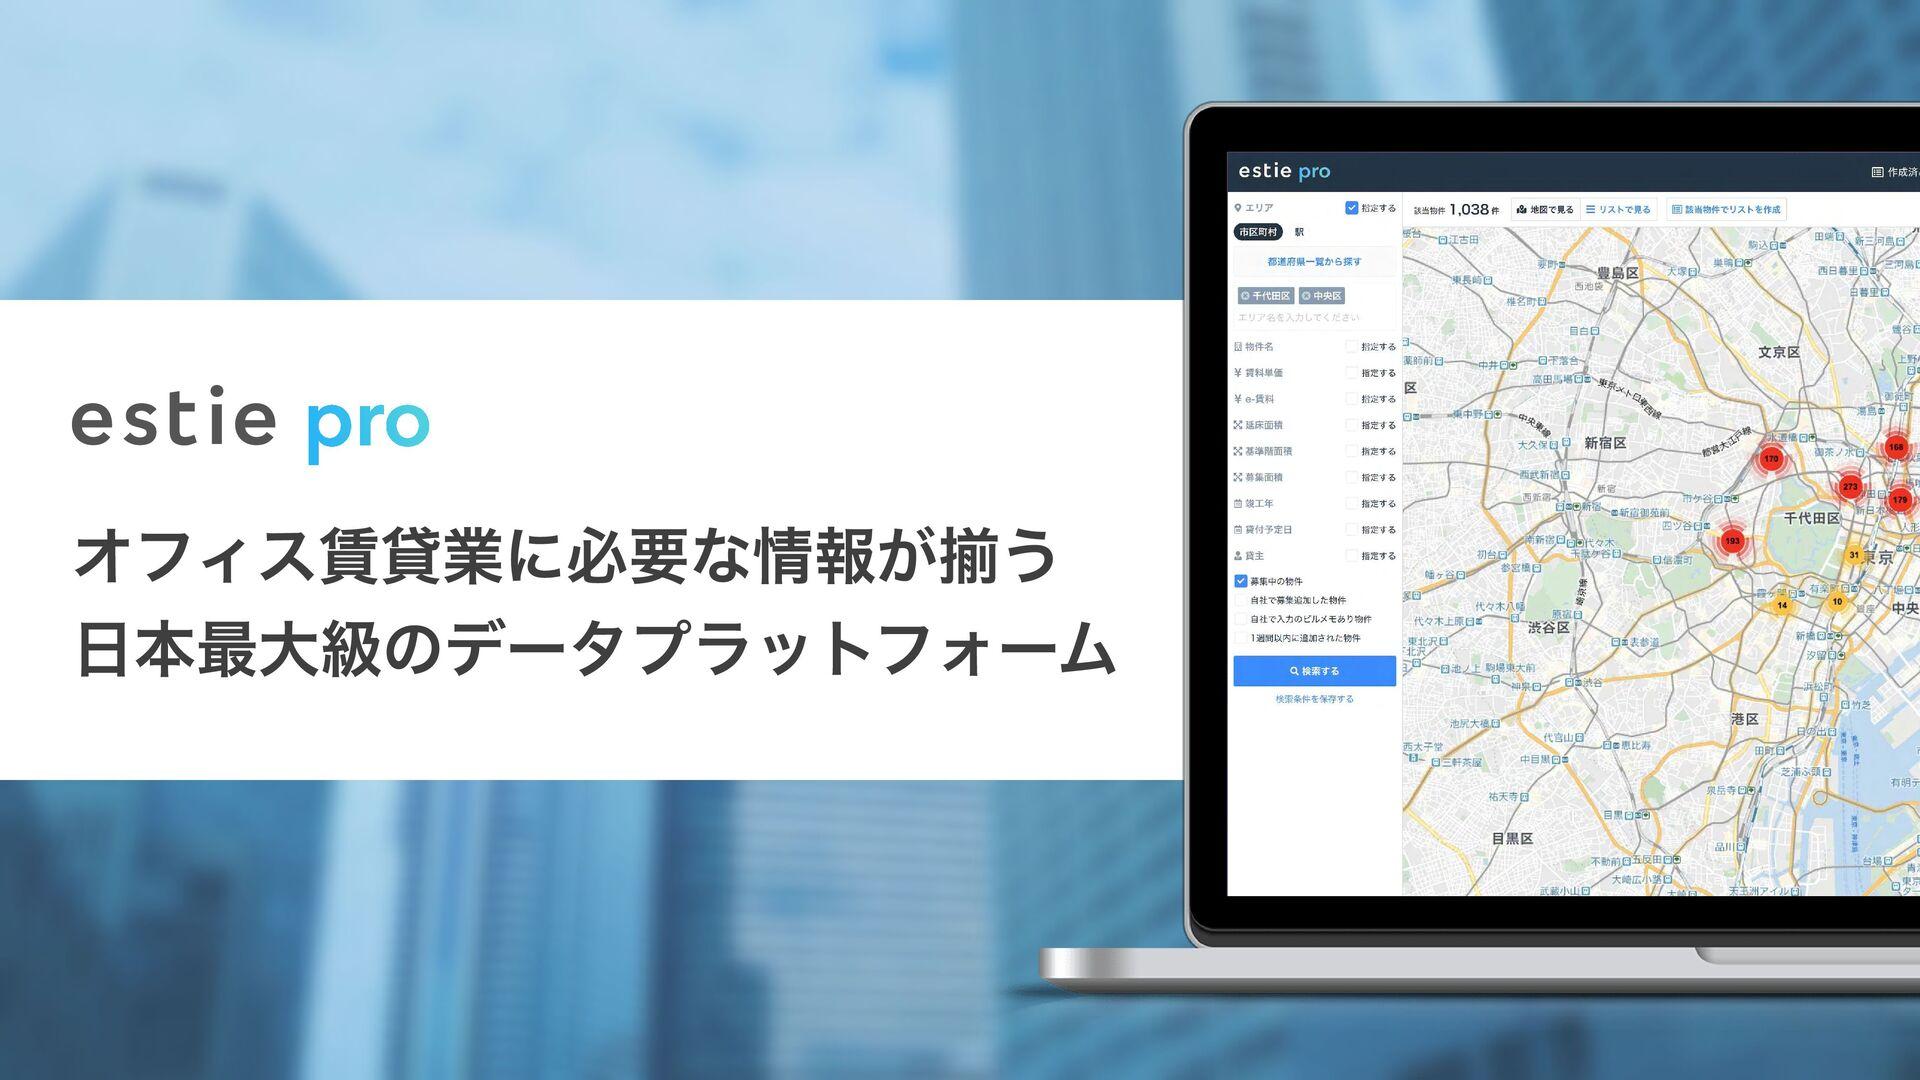 オフィス賃貸業に必要な情報が揃う  日本最大級のデータプラットフォーム